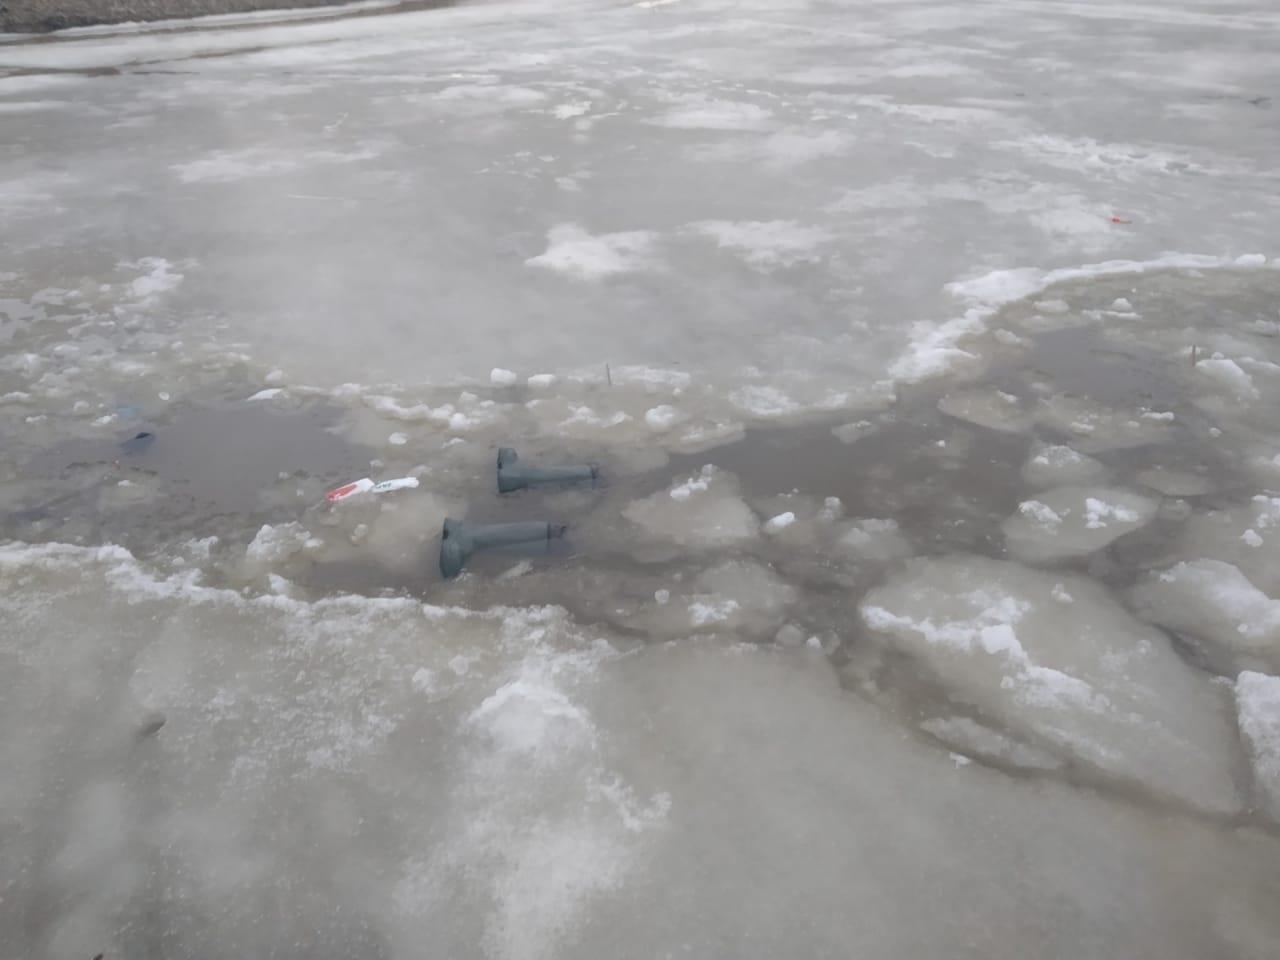 МЧС: рядом с Дворцом водных видов спорта в Казани из реки достали тело пропавшего рыбака